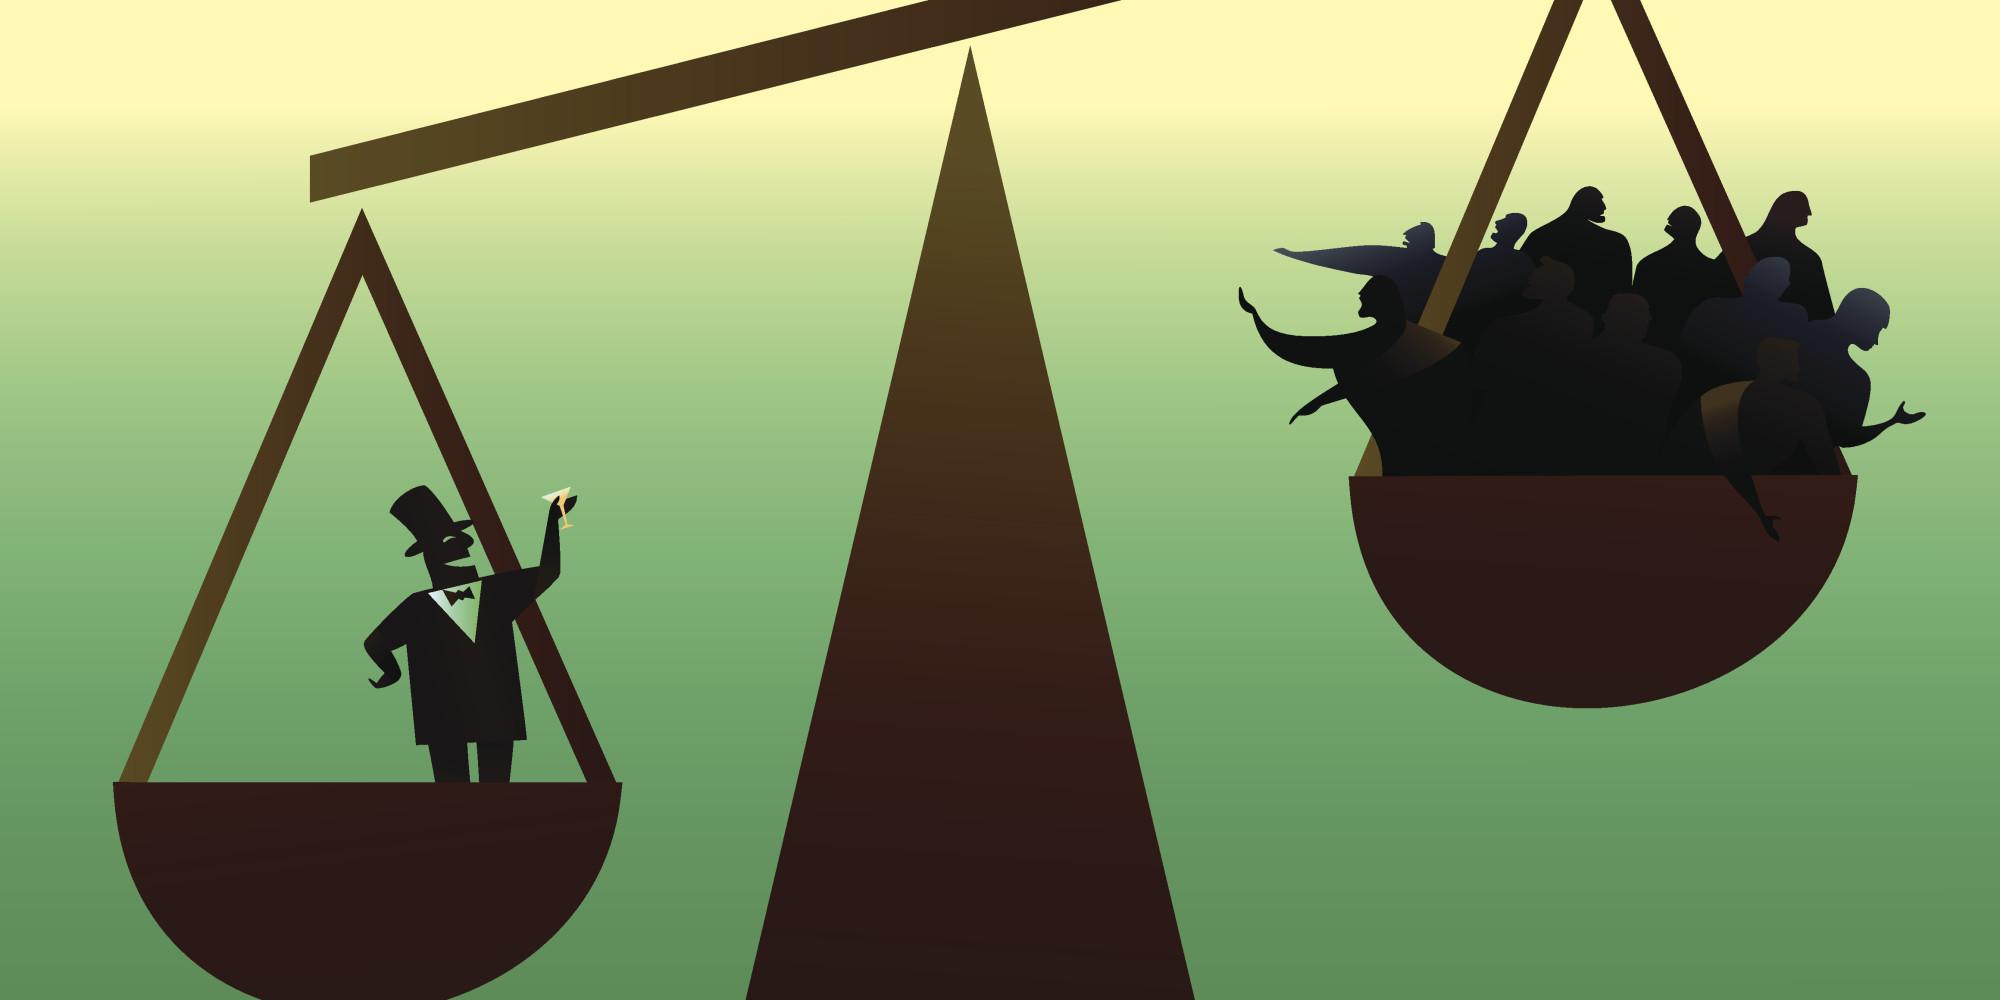 Una lezione dalla relazione tra Capitalismo e Disuguaglianza